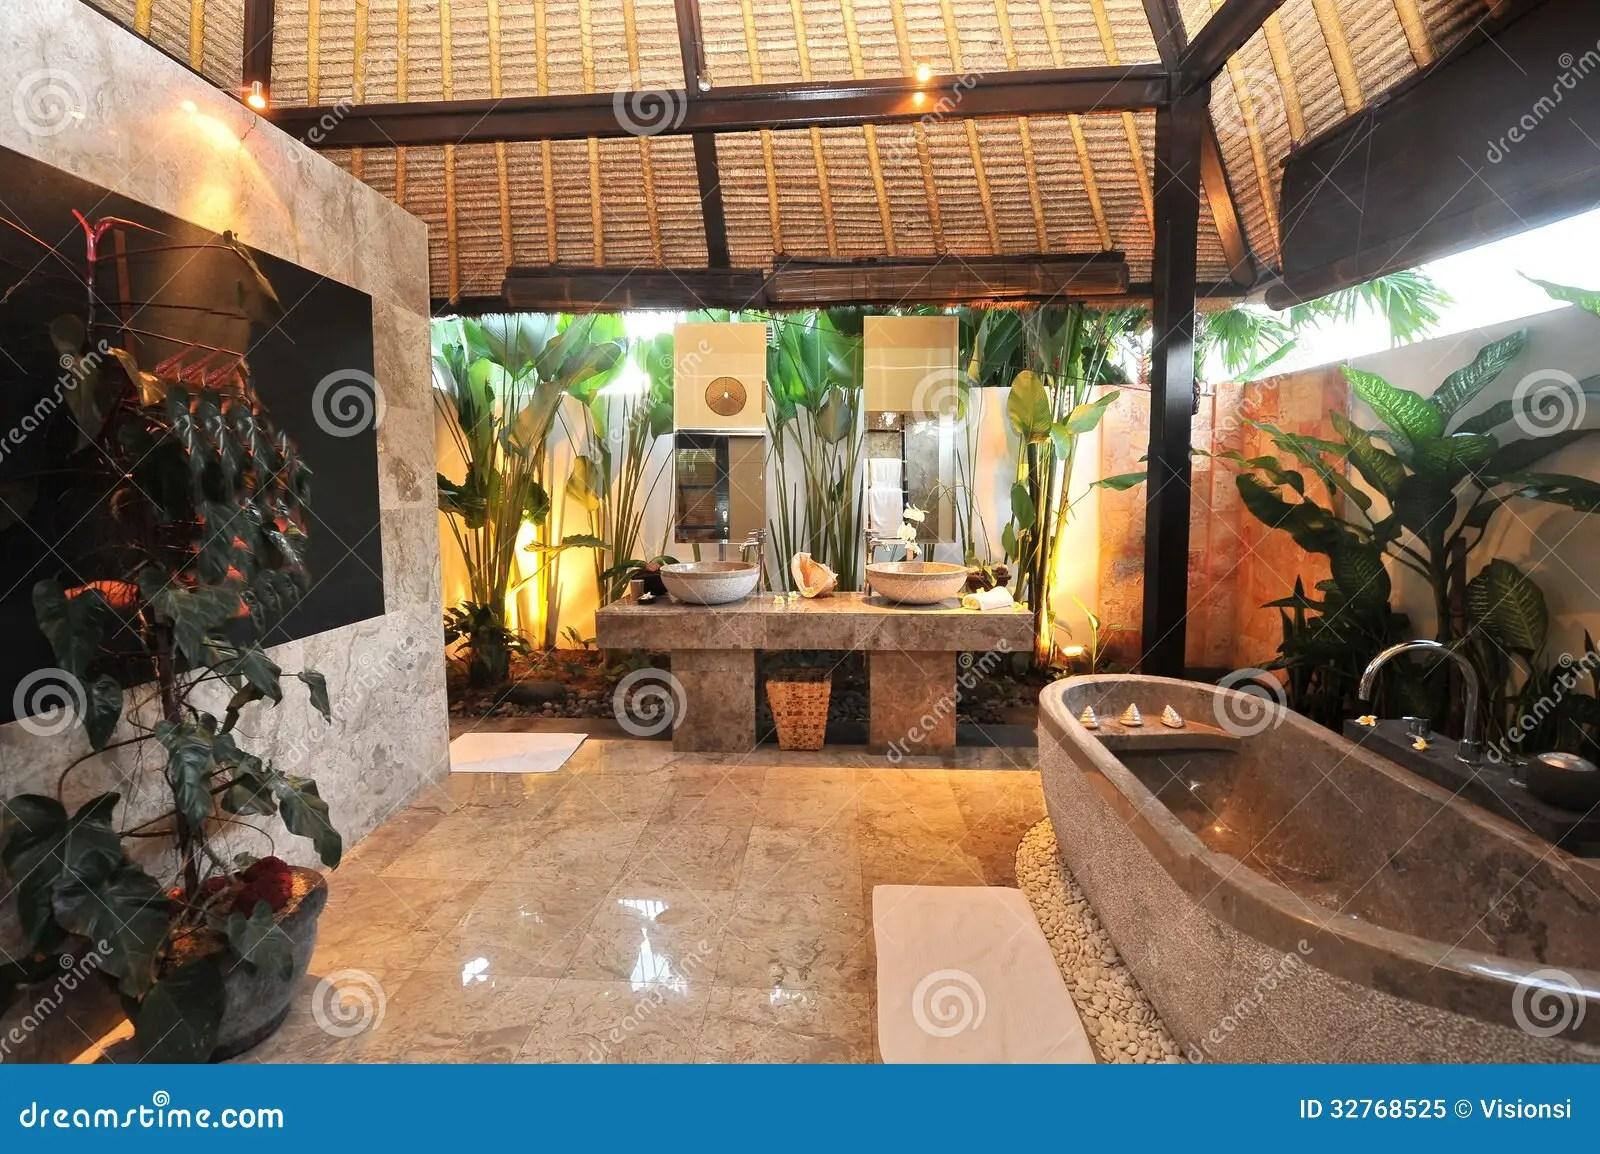 Luxury Room Bathroom In A Tropical Villa Stock Image